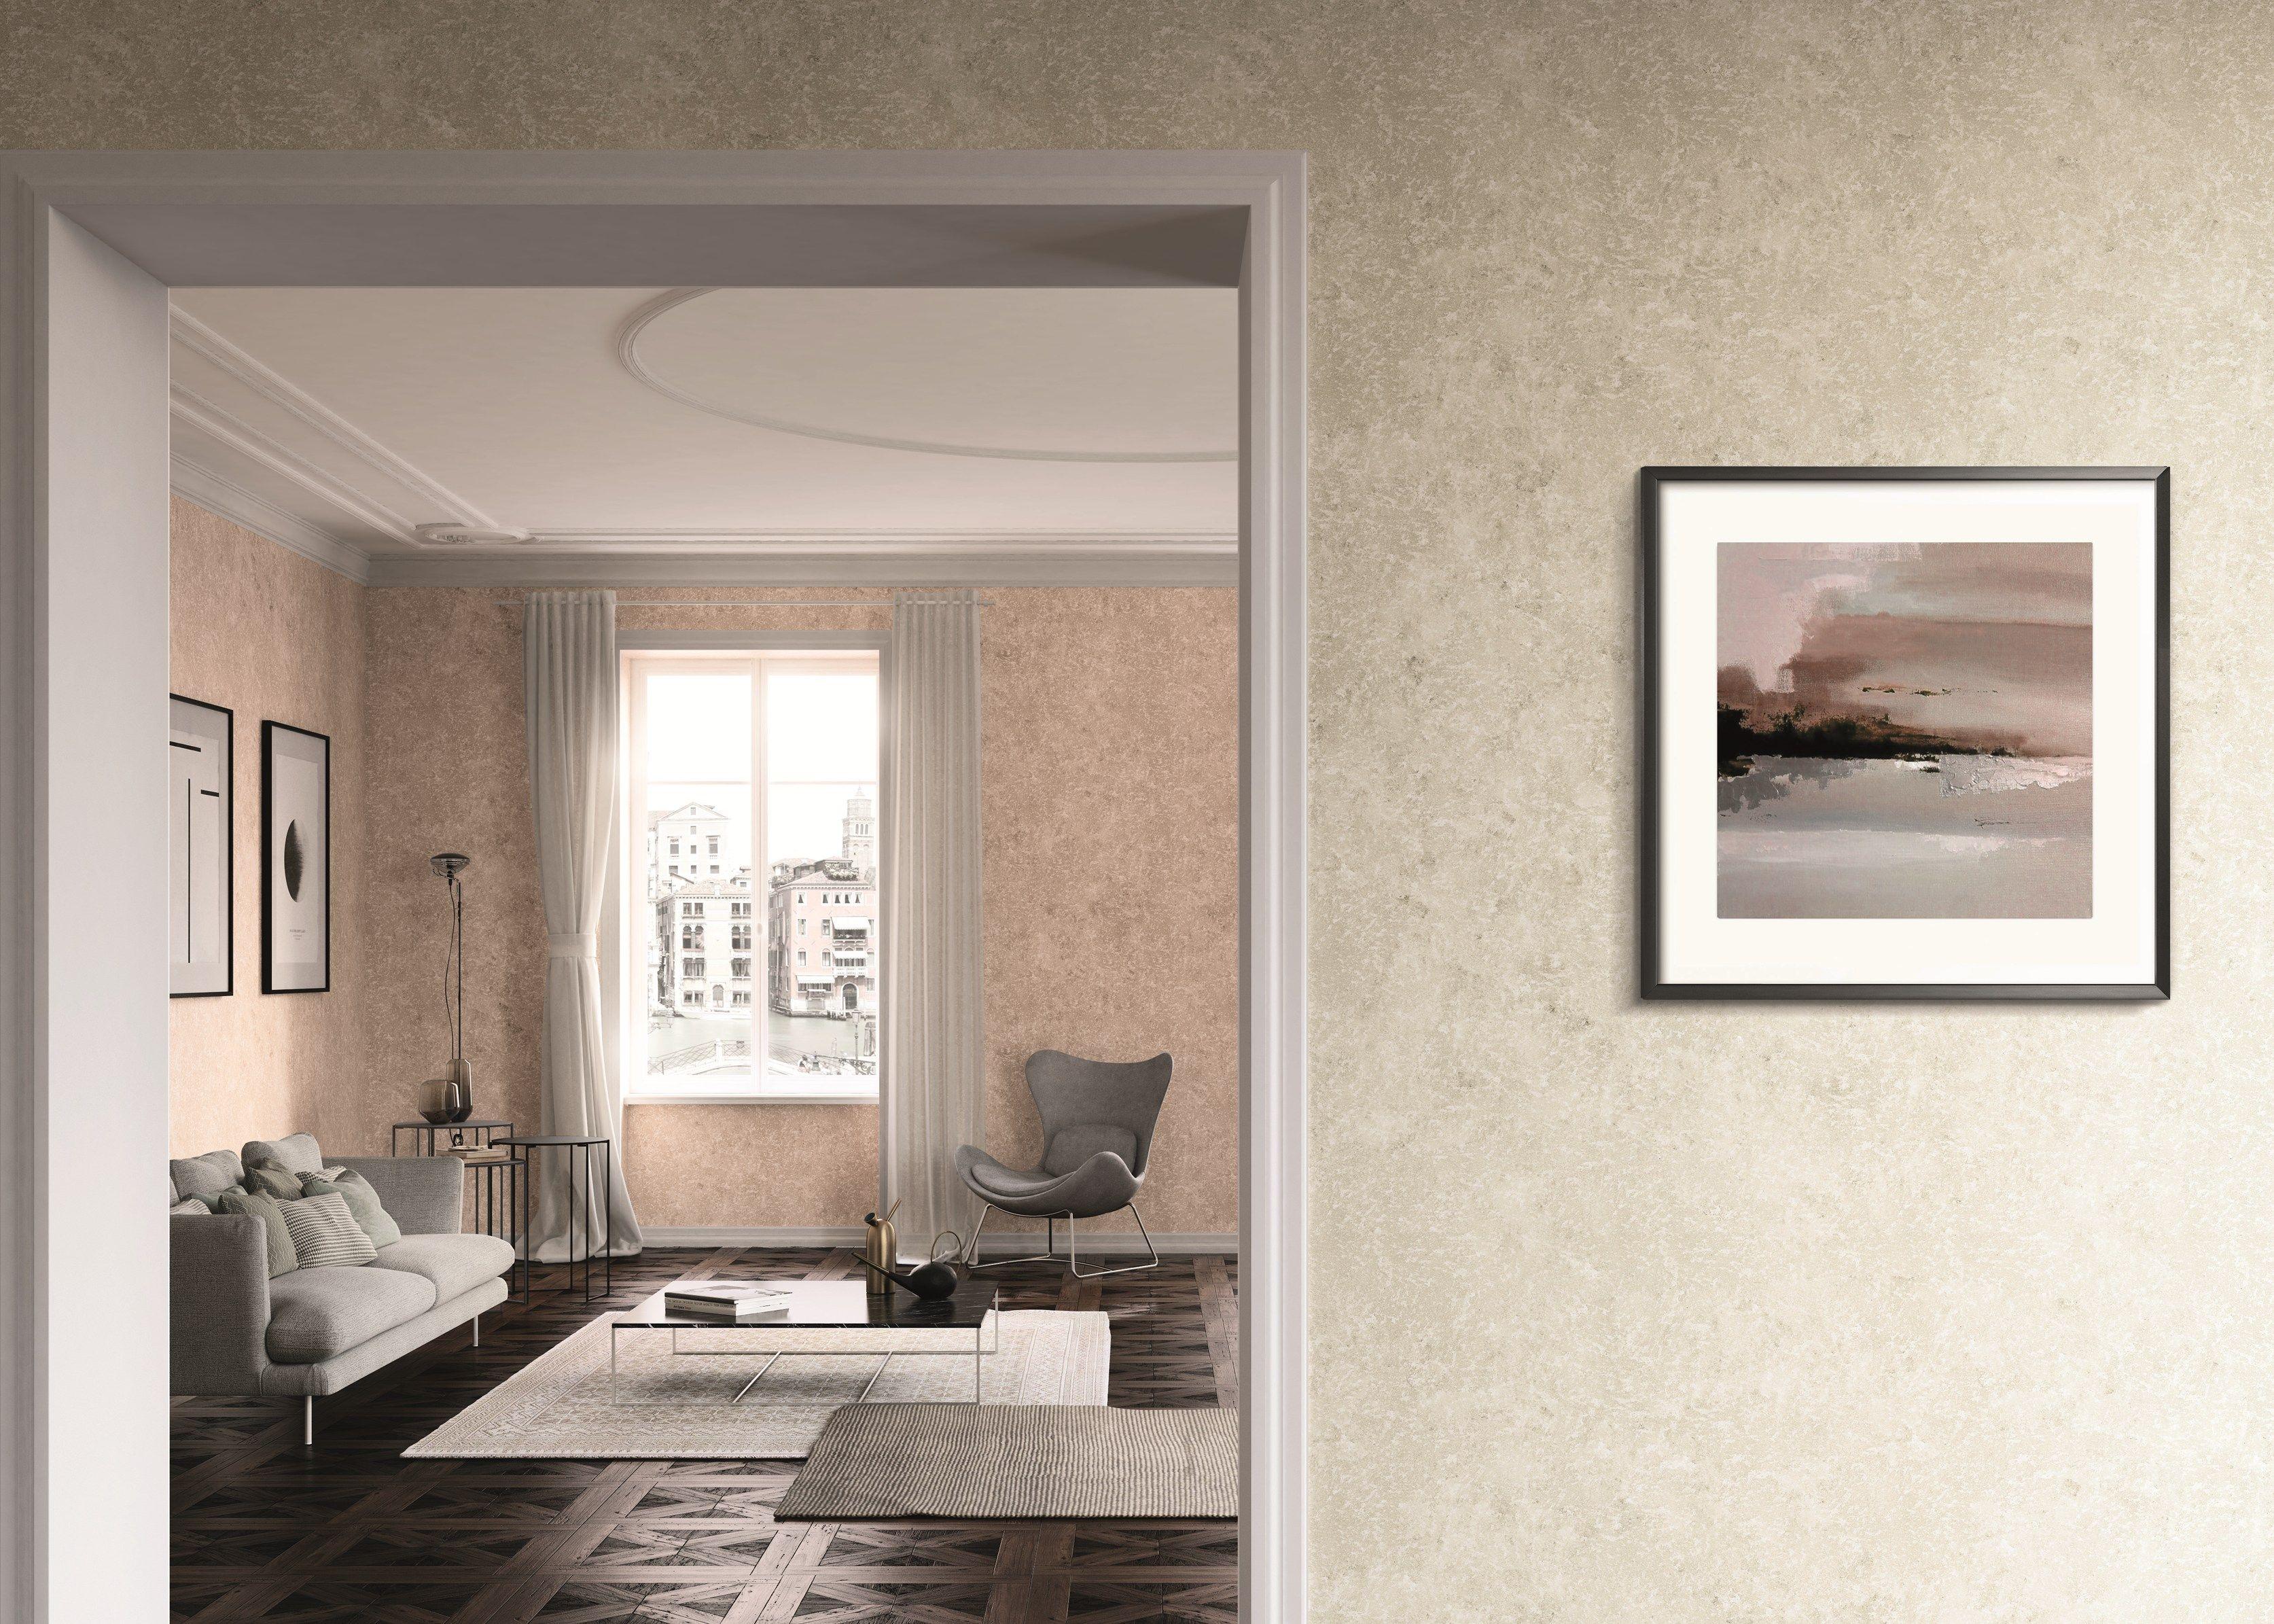 Pitture Murali Per Interni Decorative : Pitture murali per interni decorative gallery of vernice